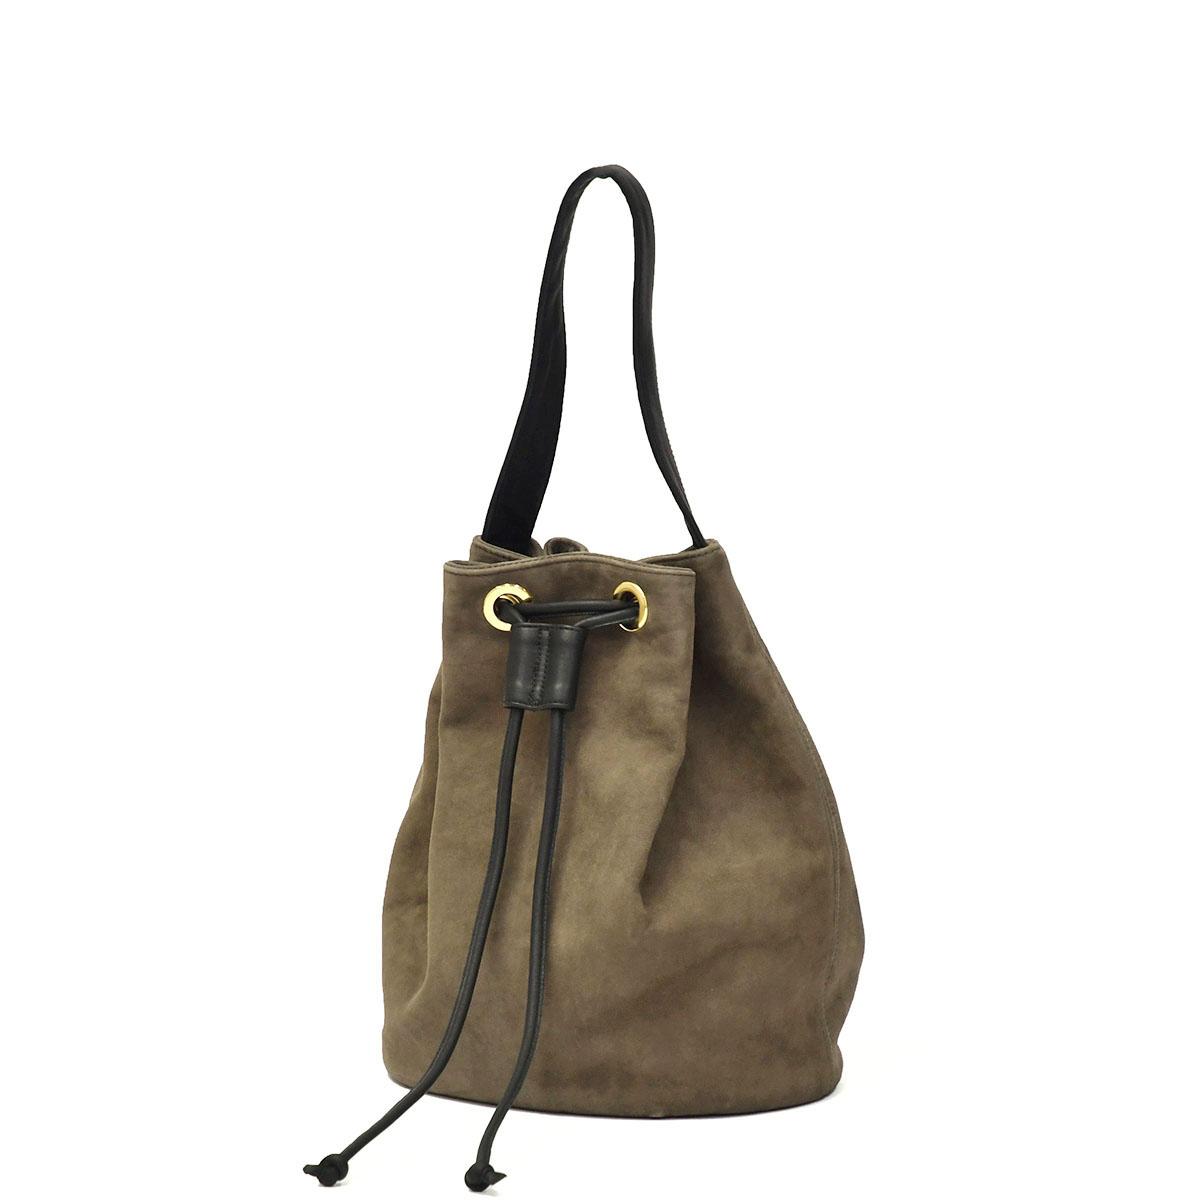 Cinquanta【チンクアンタ】ドローストリングバッグをご紹介致します。